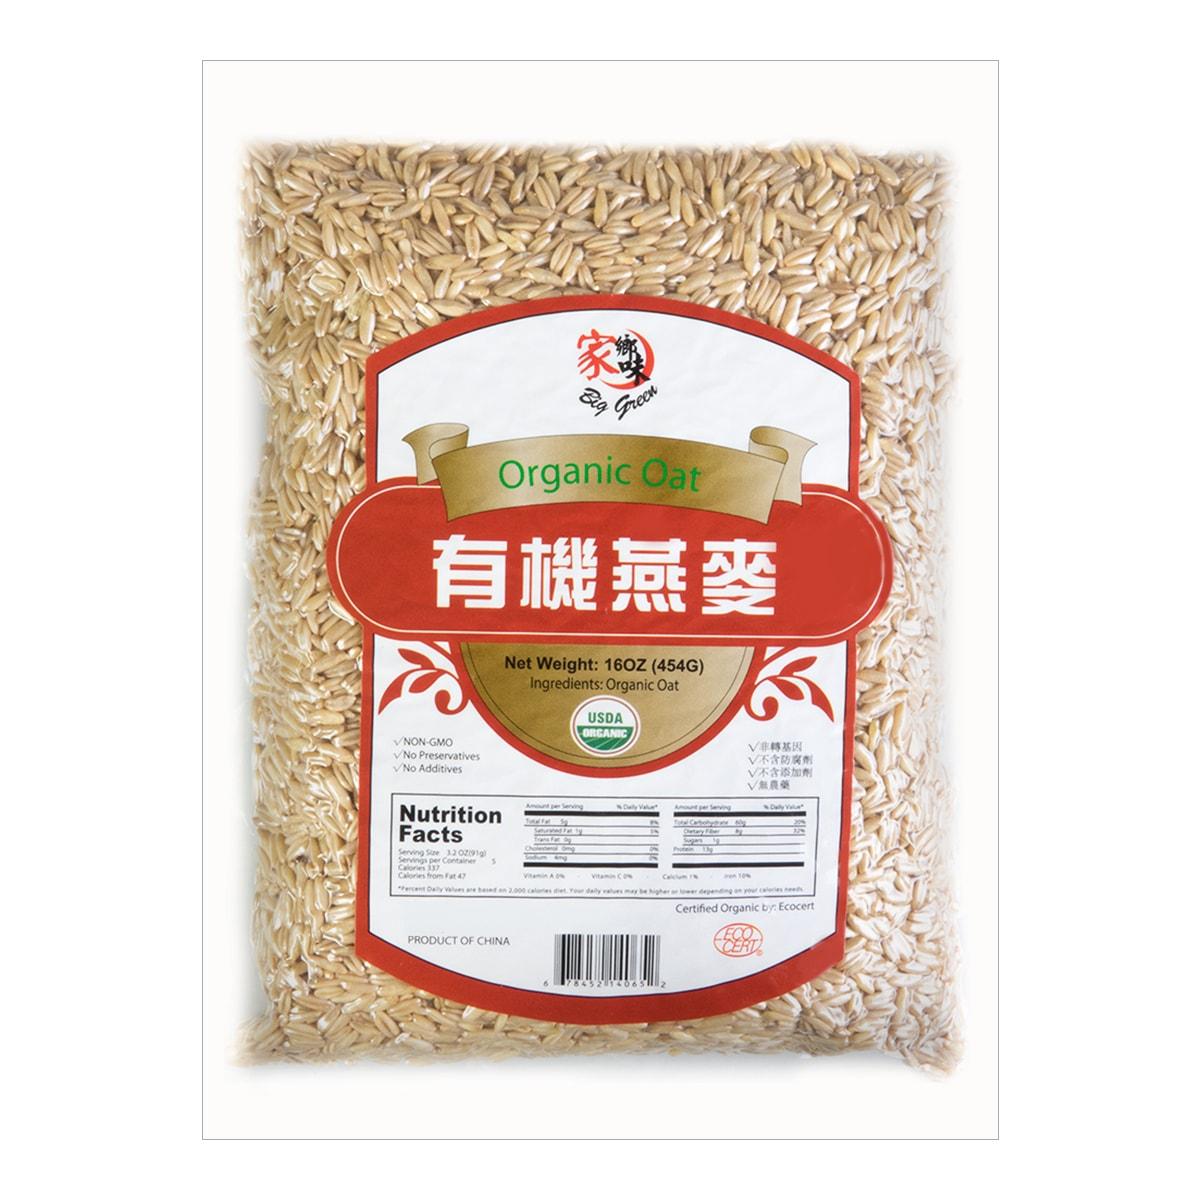 家乡味 有机燕麦 454g USDA认证